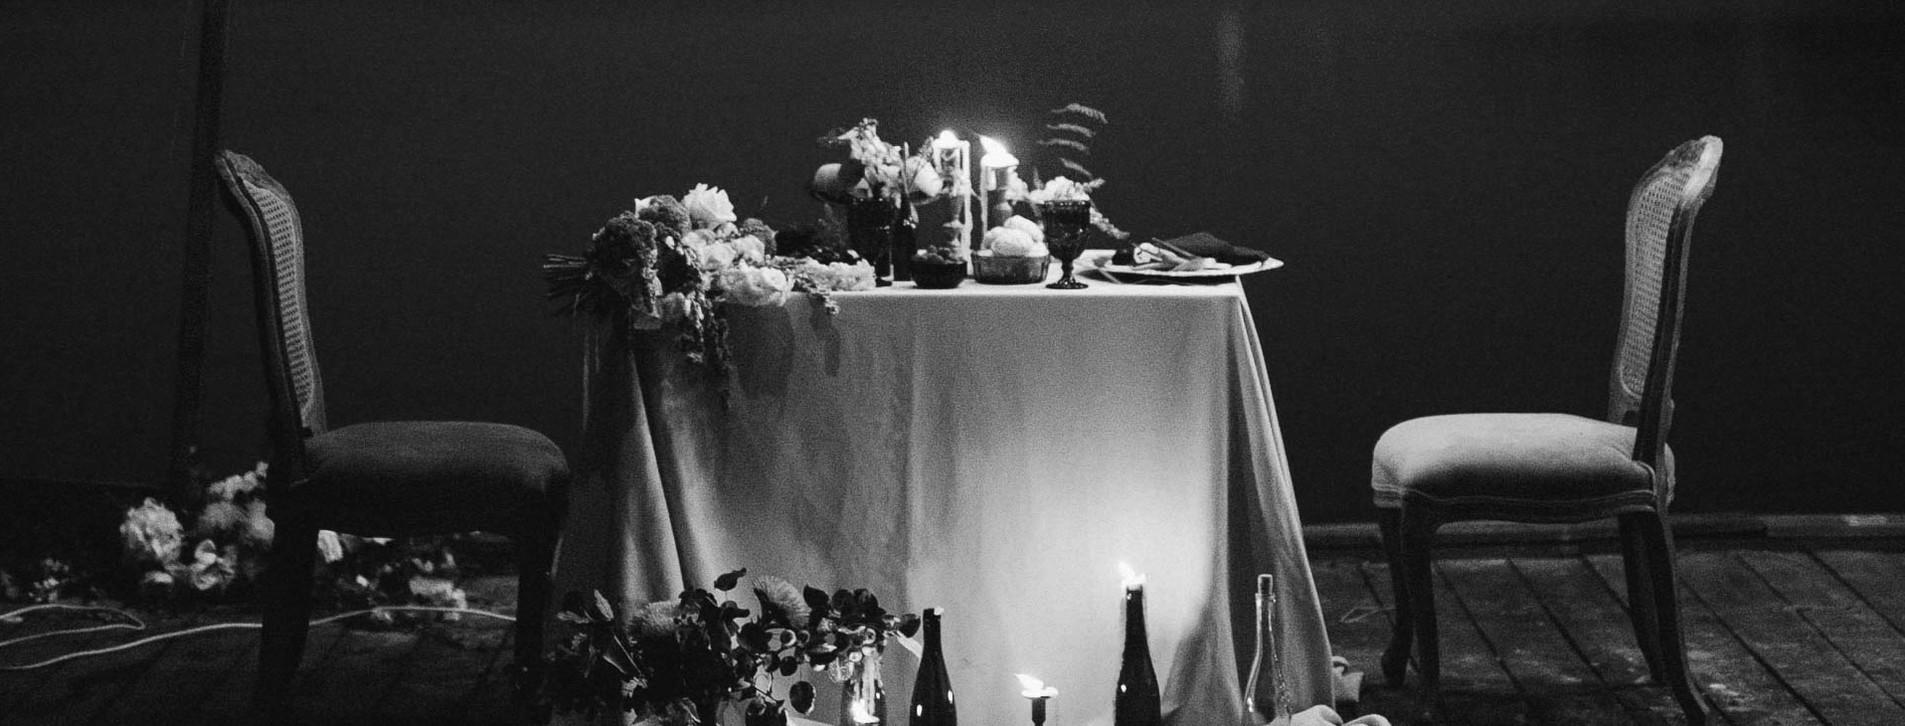 Фото 1 - Ужин на Днепре